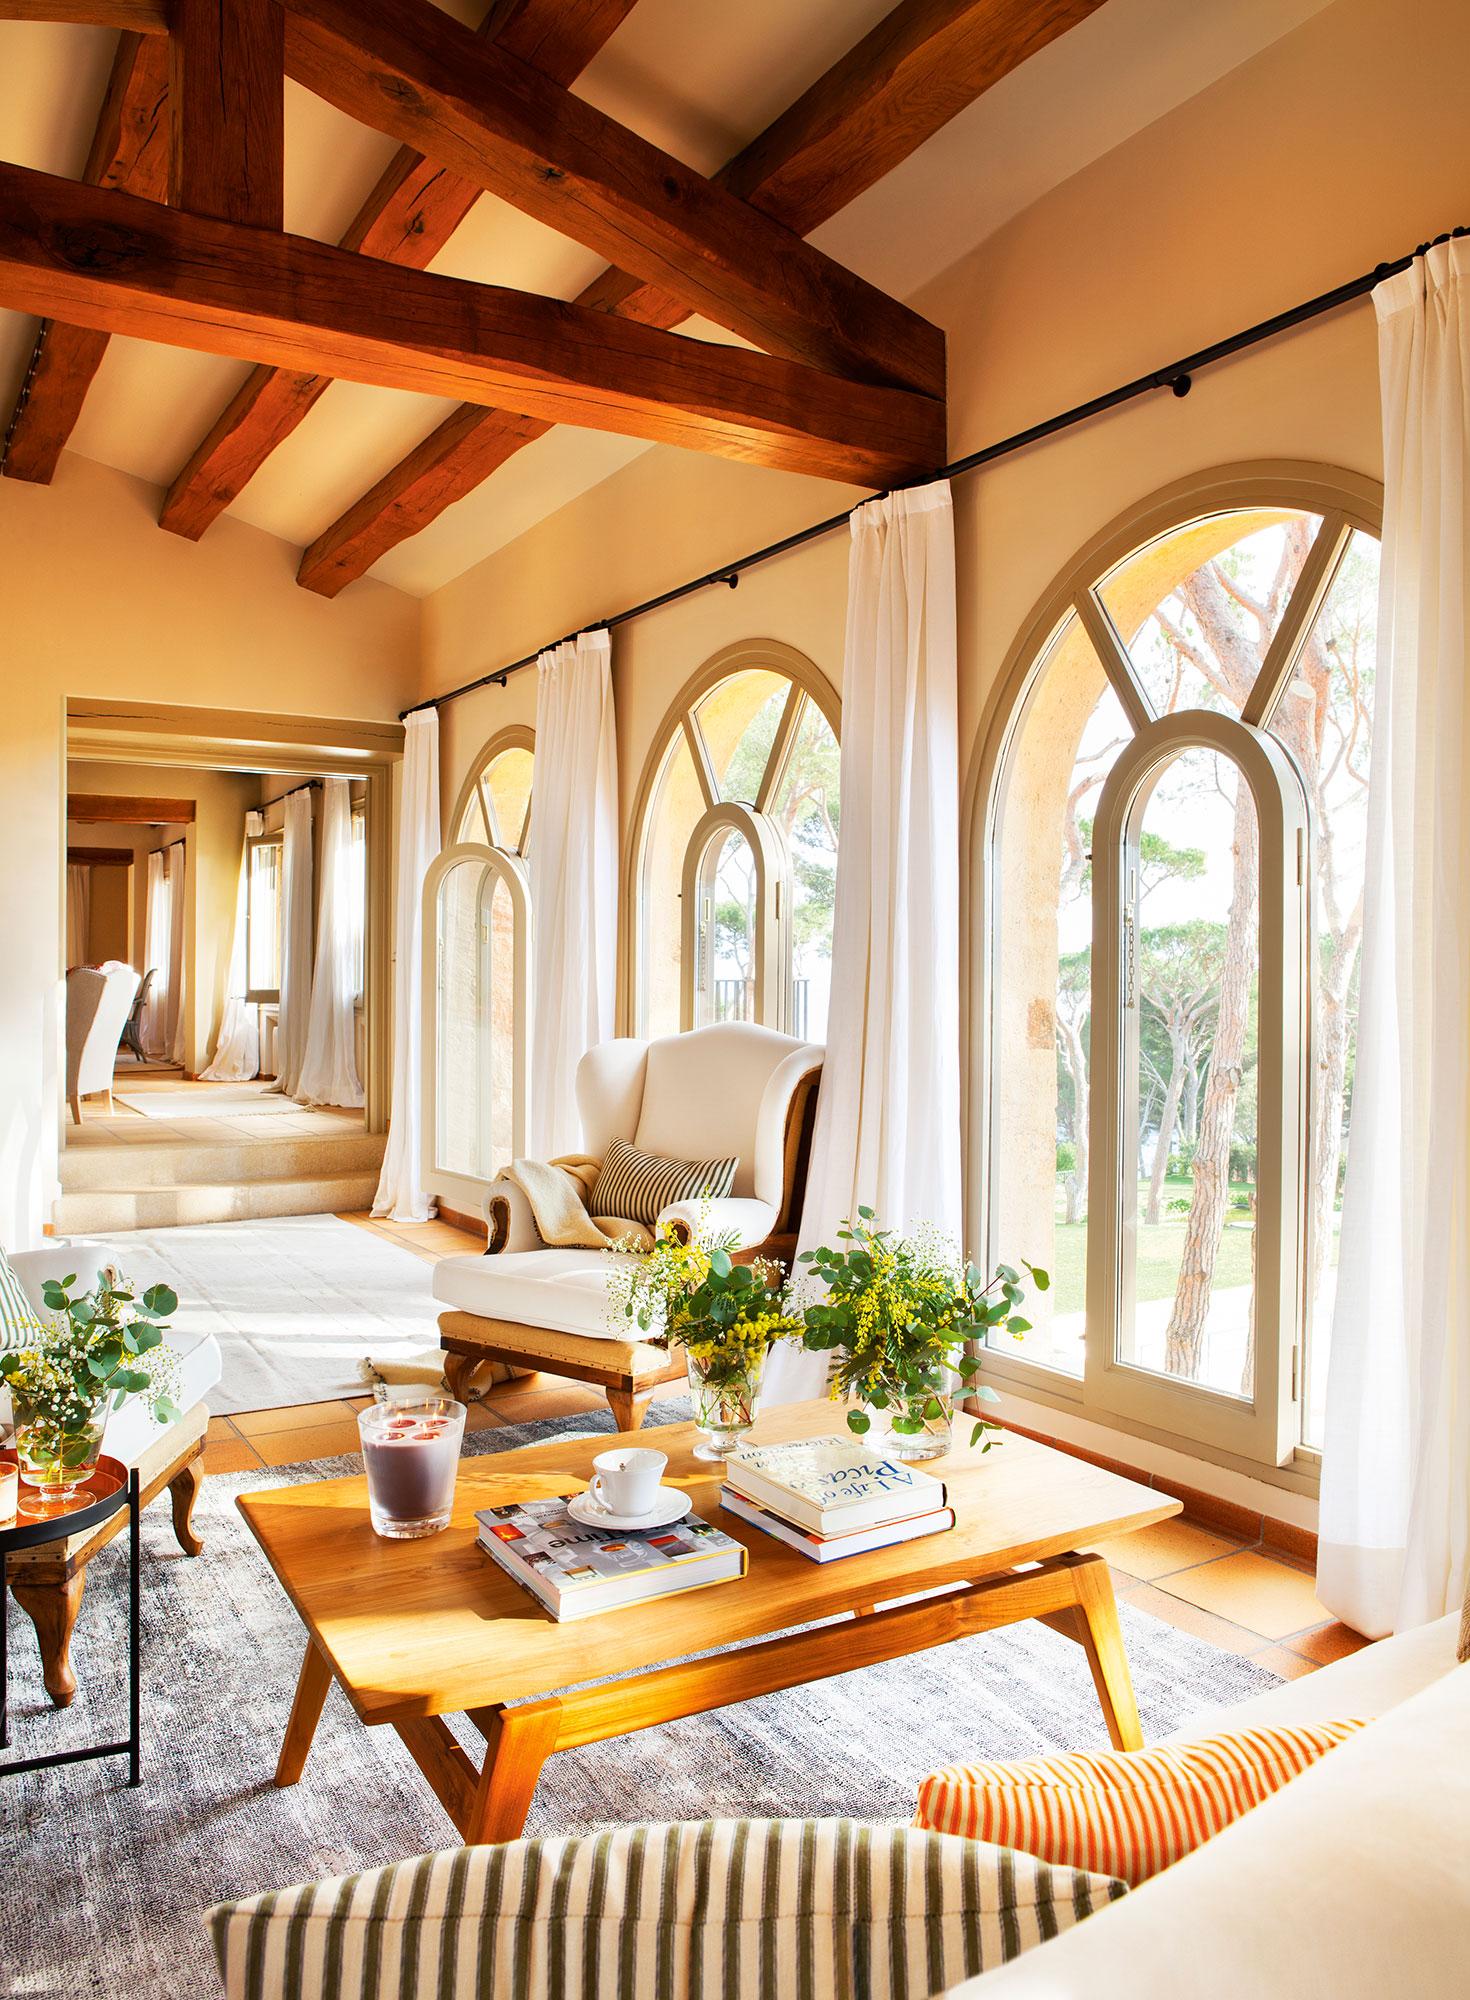 Vestir ventanas dormitorio affordable dormitorio con - Visillos para dormitorios ...